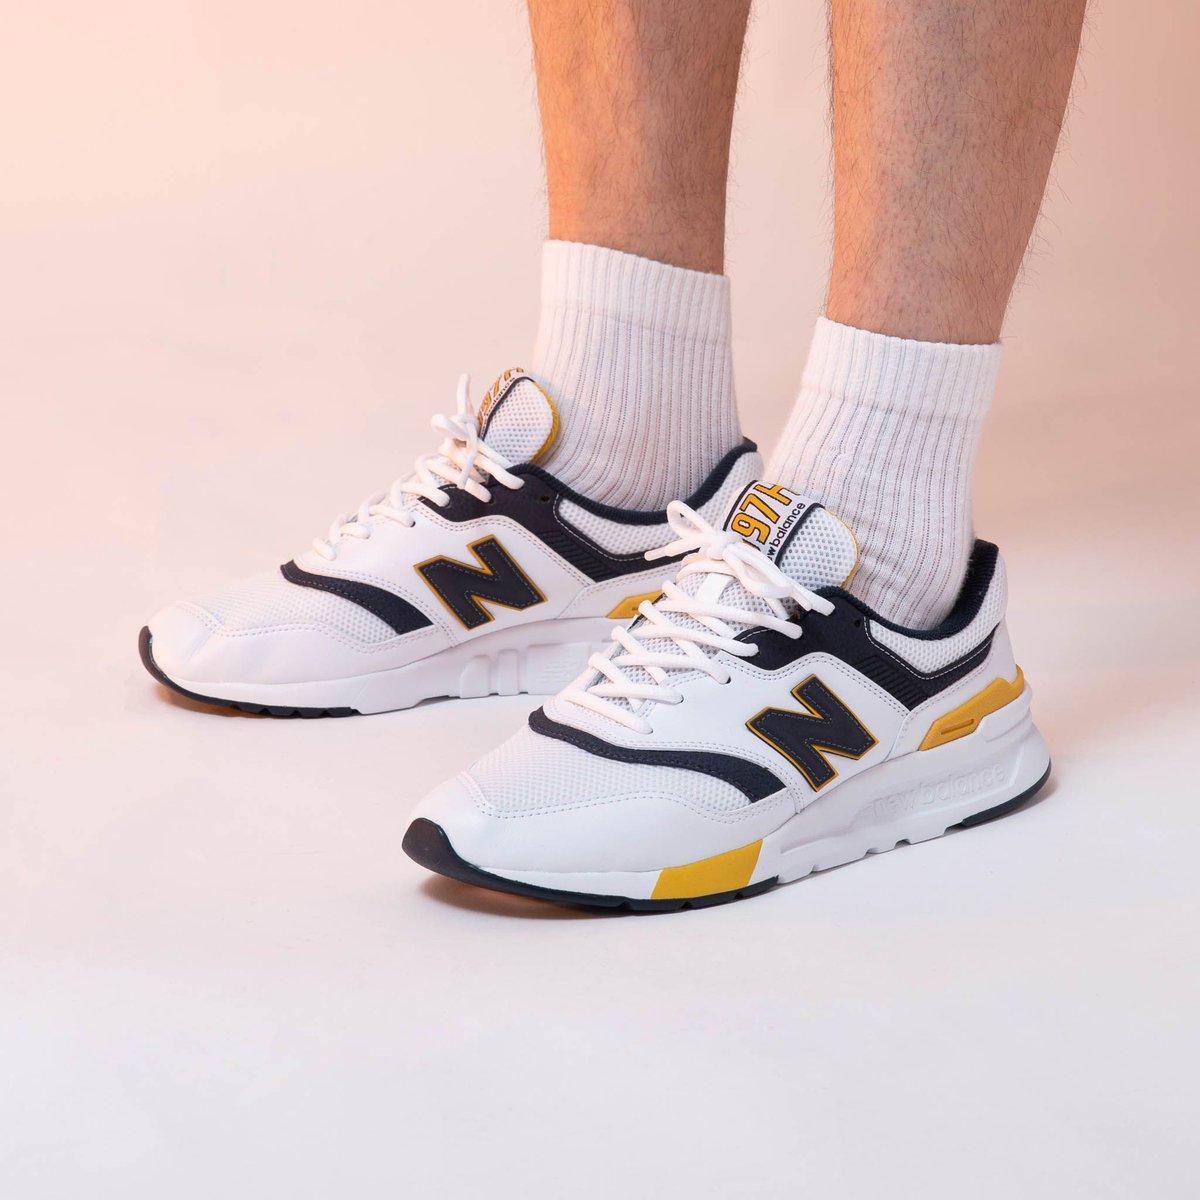 new balance 997h white navy